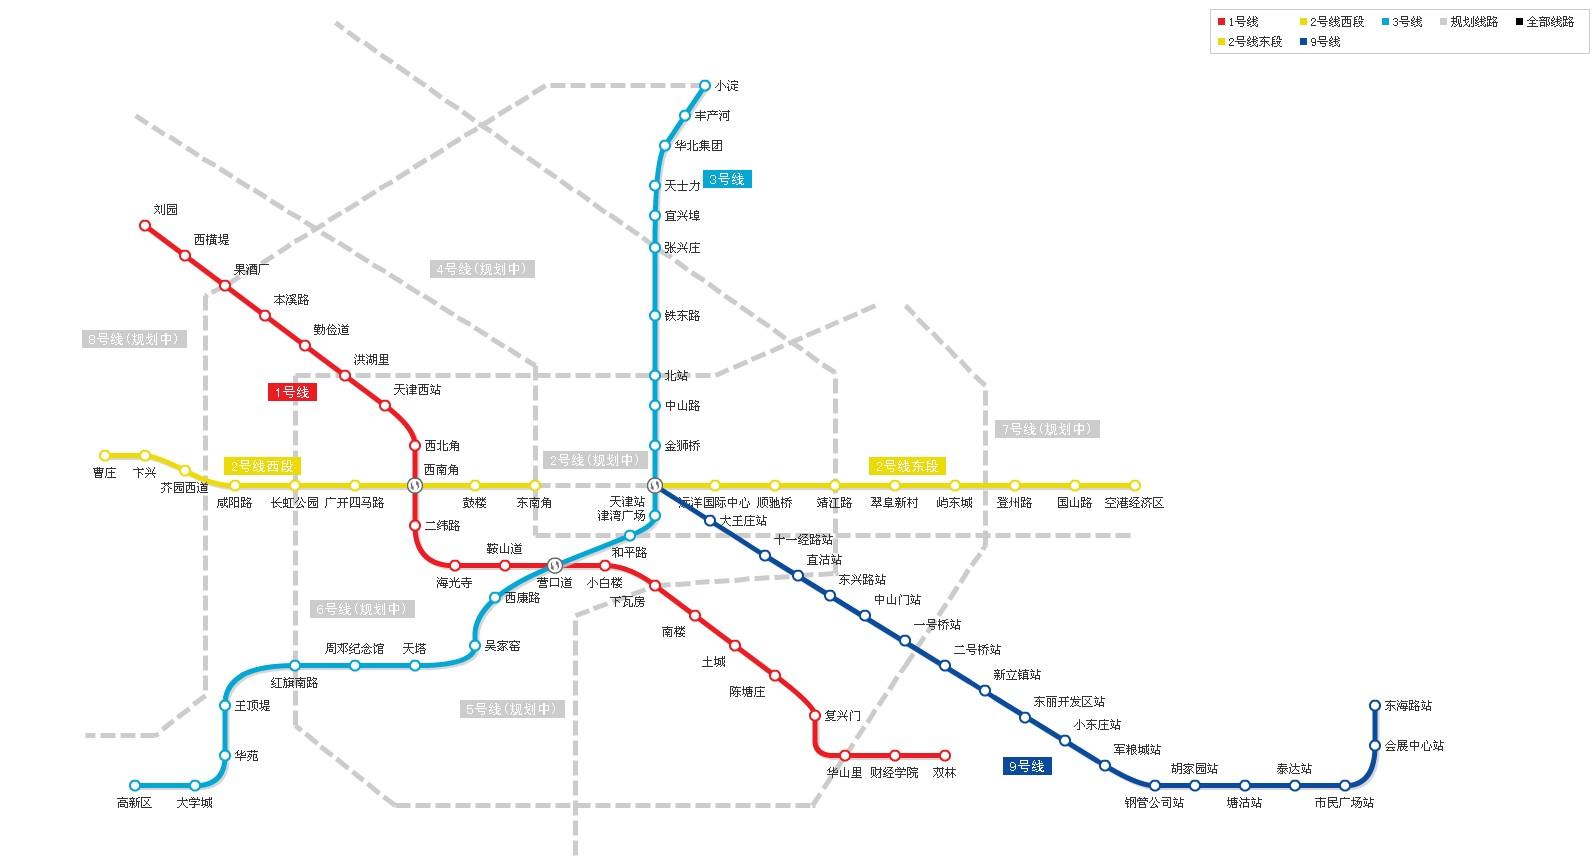 天津地铁线路图 最新版图片